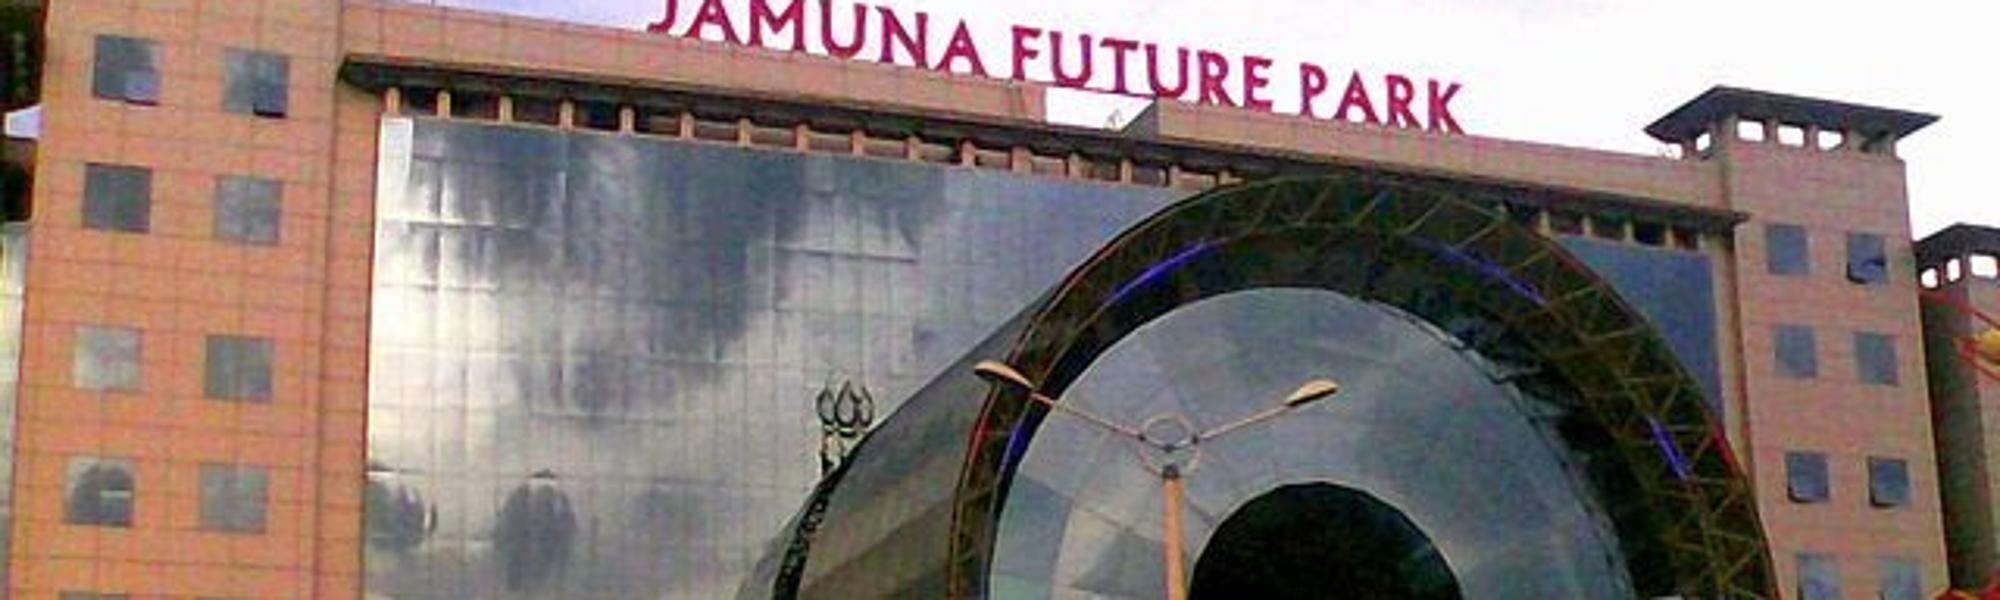 Jamuna future park, Dhaka.jpg